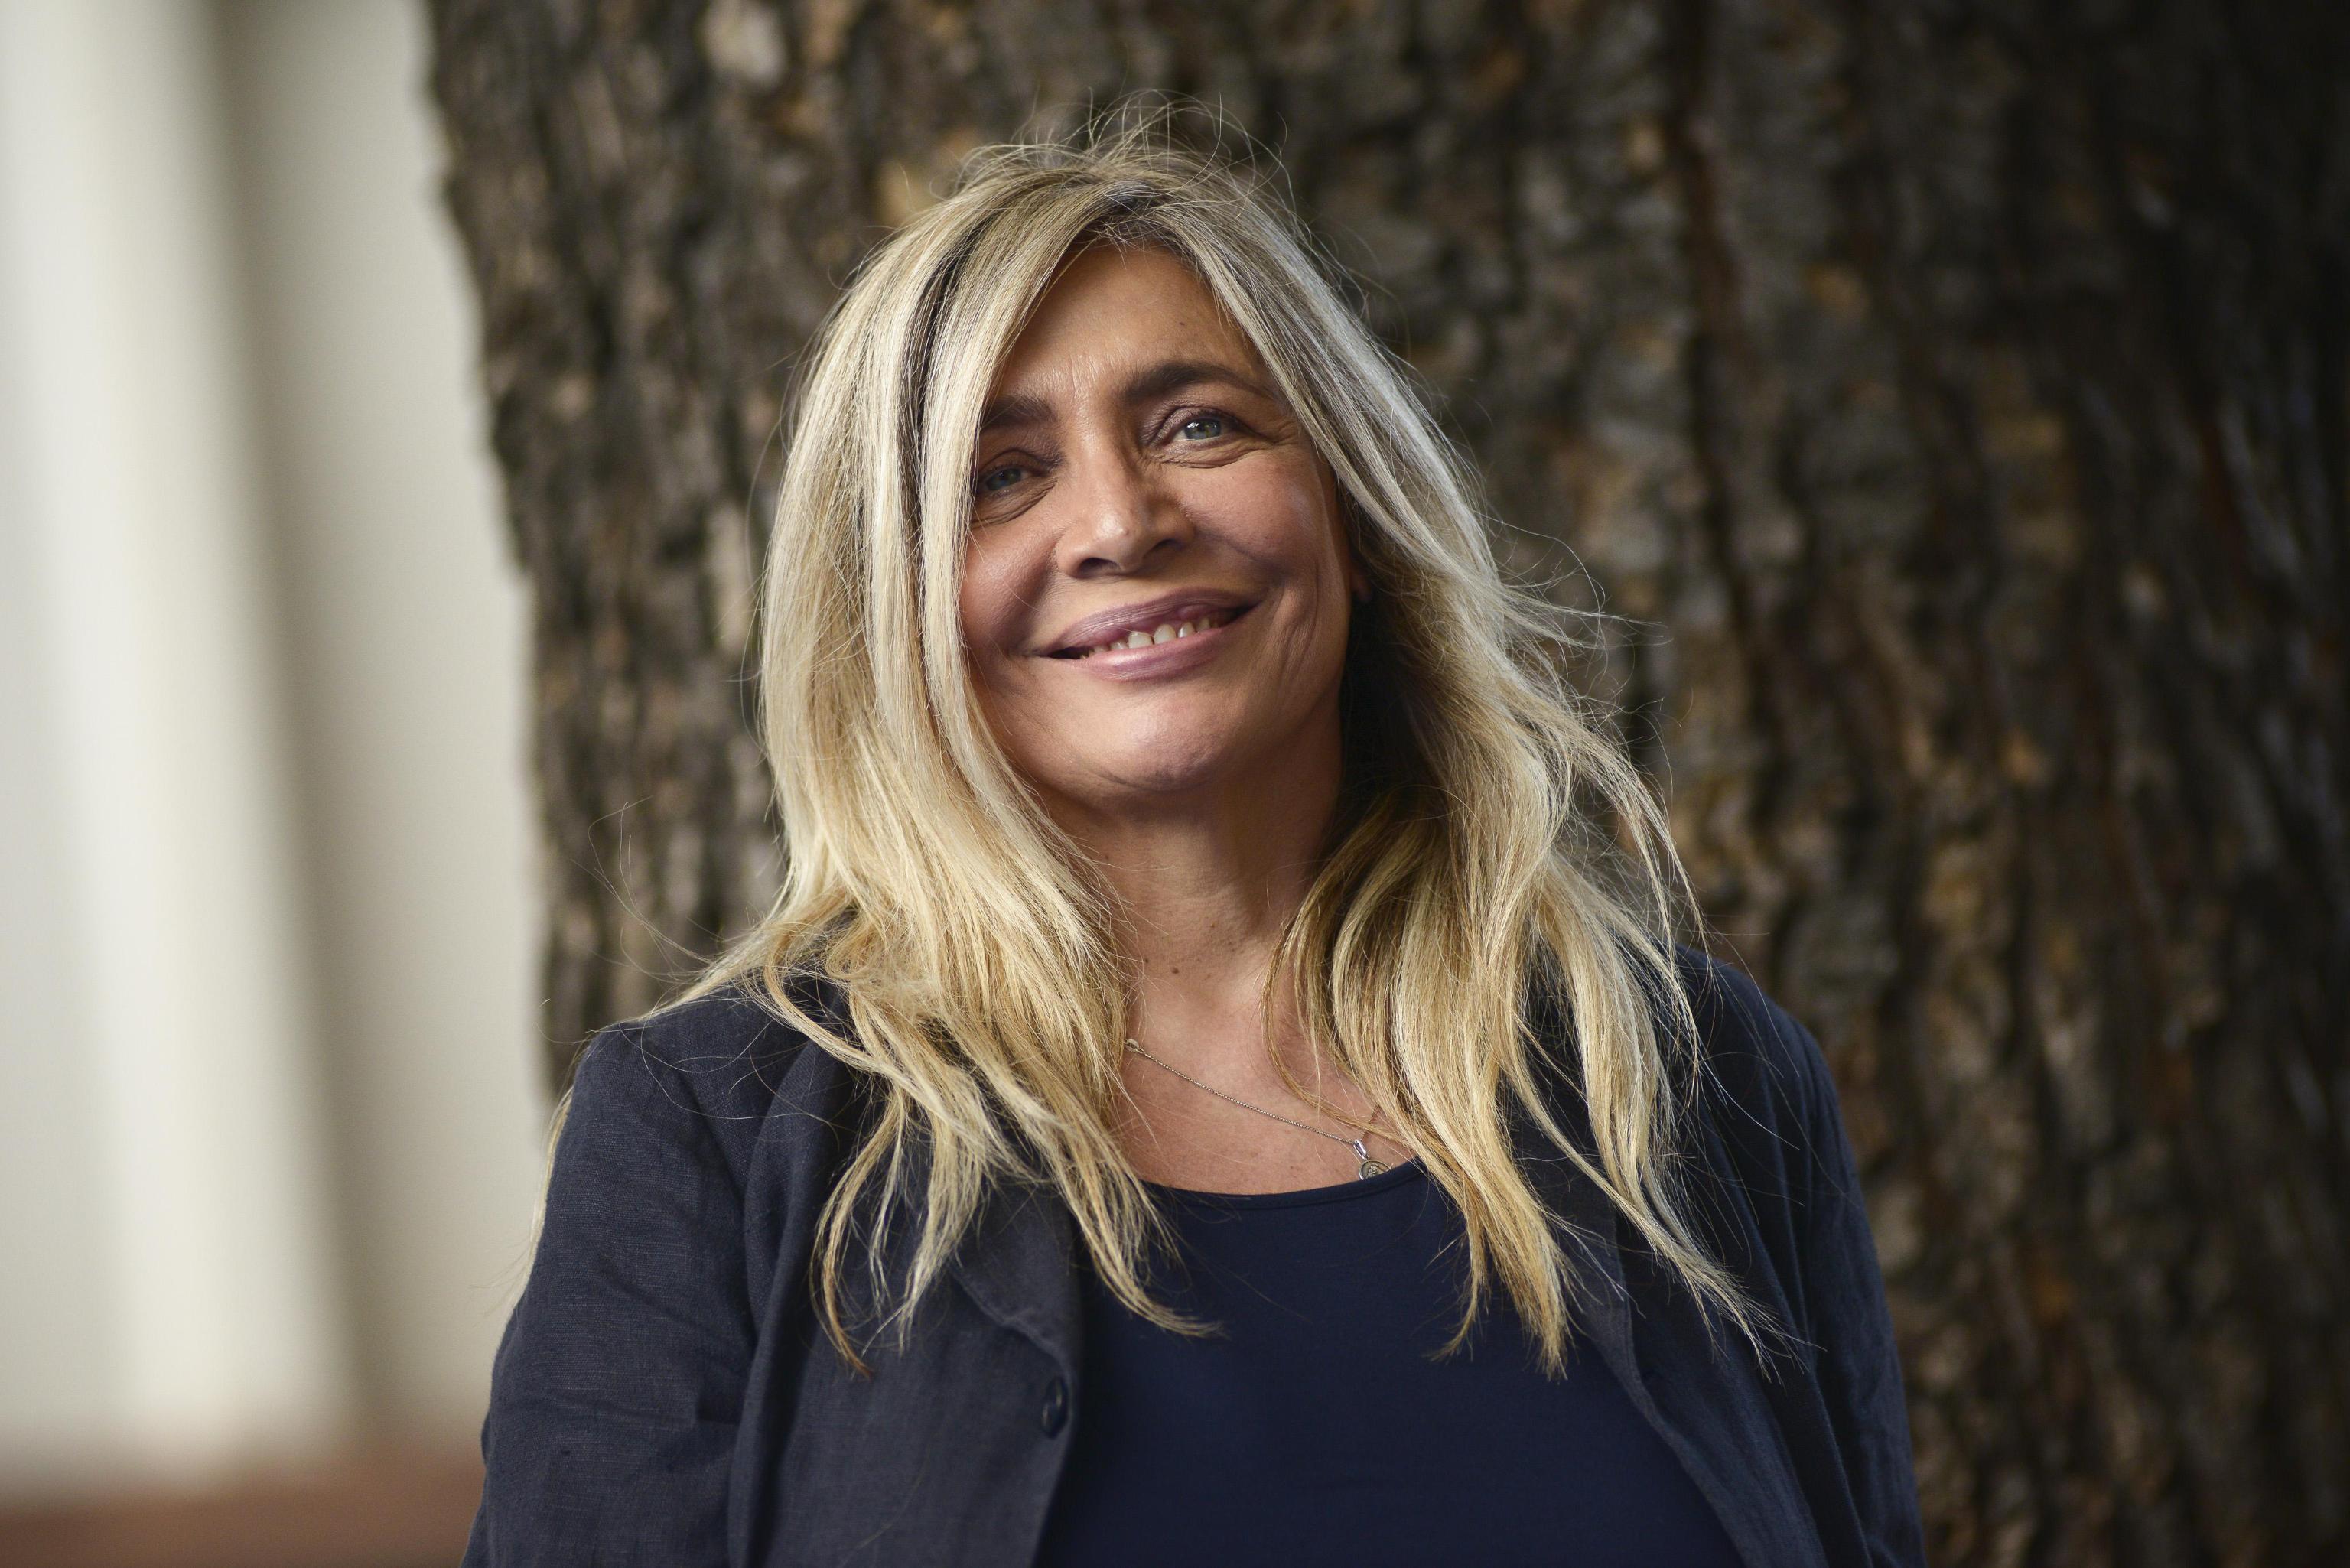 Mara Venier: 'Lasciare la televisione? Bisogna dare spazio ai giovani. Vorrei Fiorello a Sanremo'